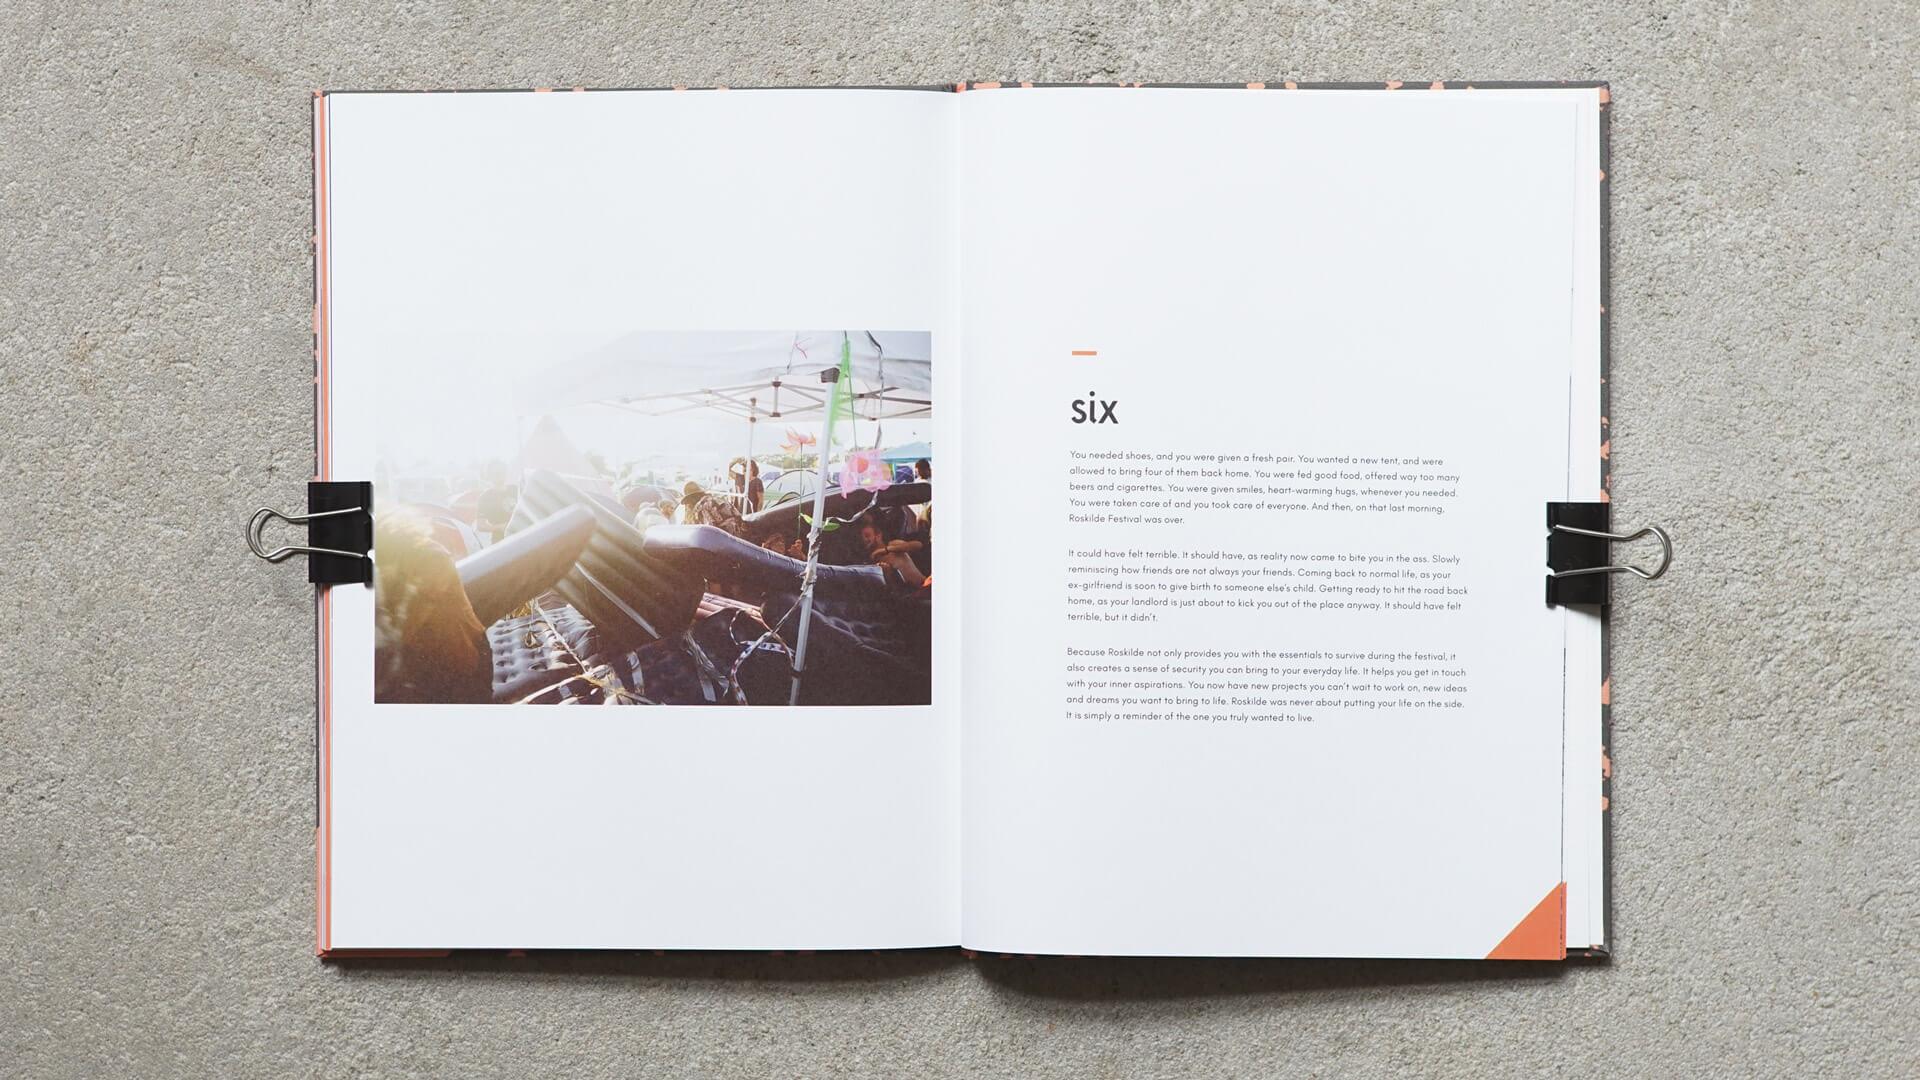 mess-book-content-big-04-1920x1080